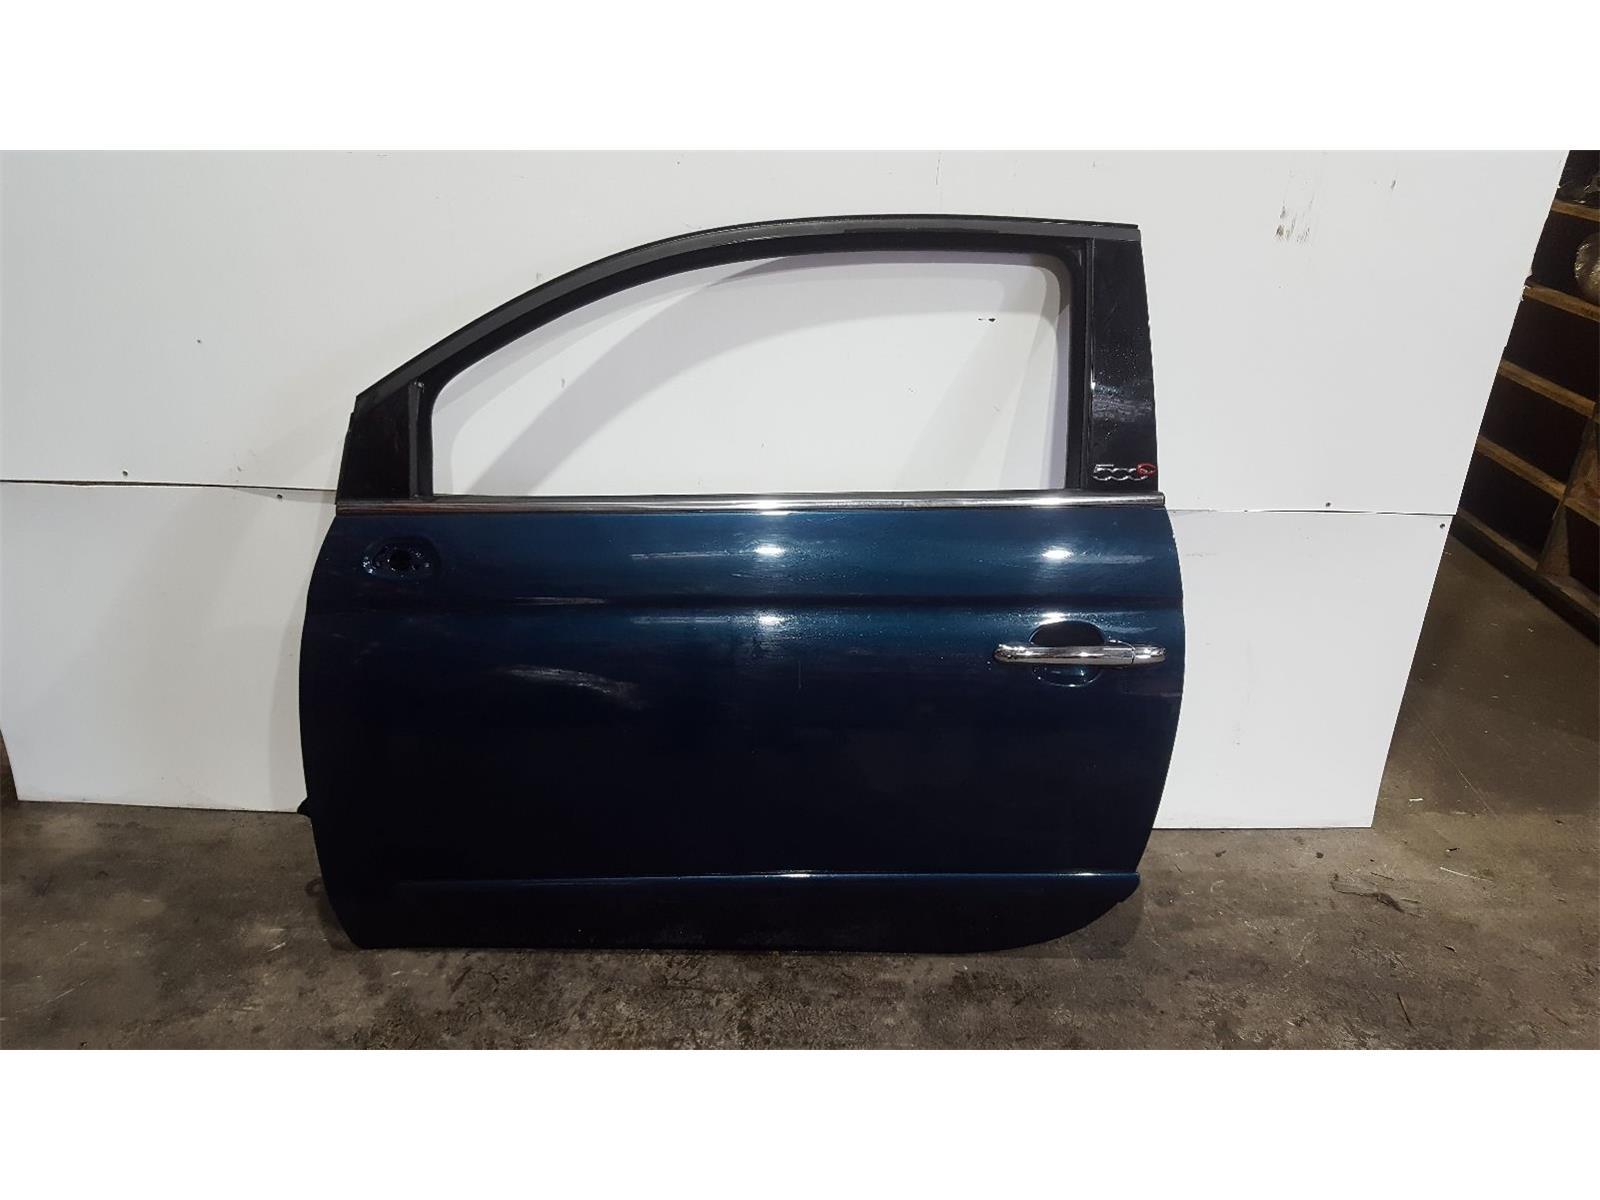 Fiat 500 2008 To 2015 N/S Left Front Door 52011900